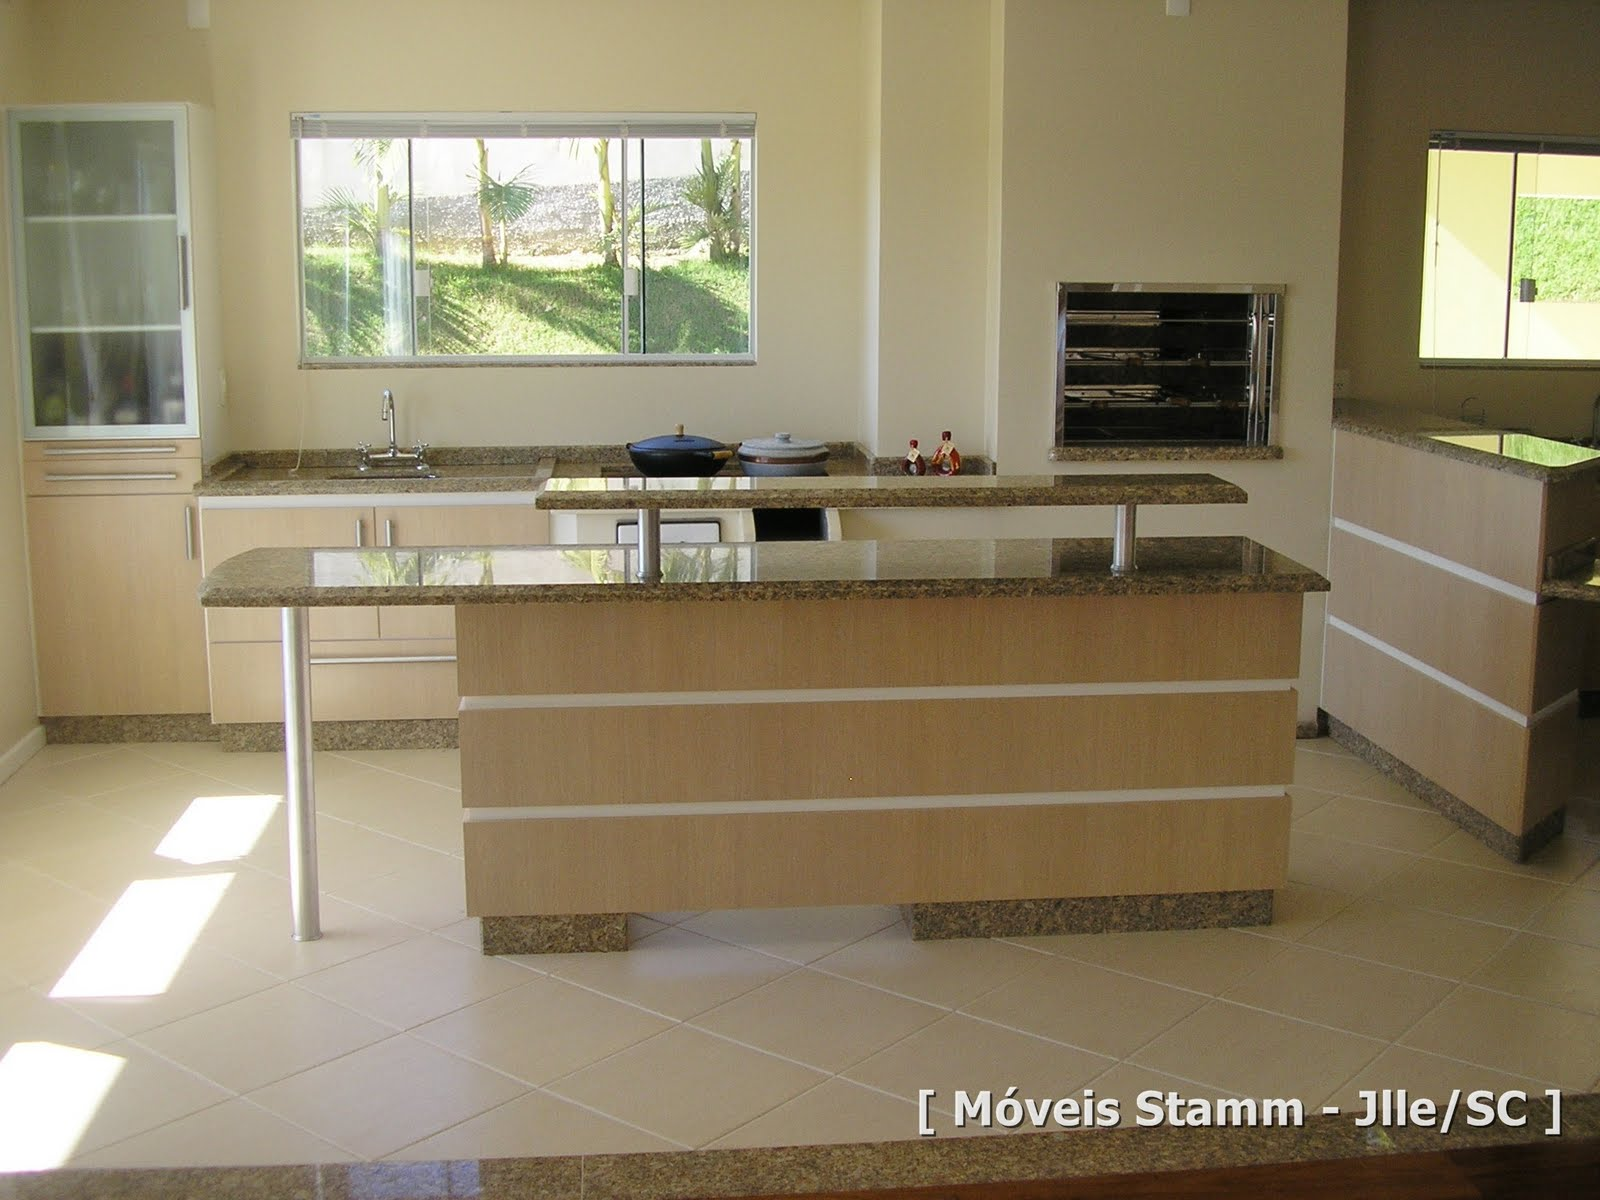 Móveis Stamm: Cozinha e Churrasqueira Romeu #5F4D30 1600 1200